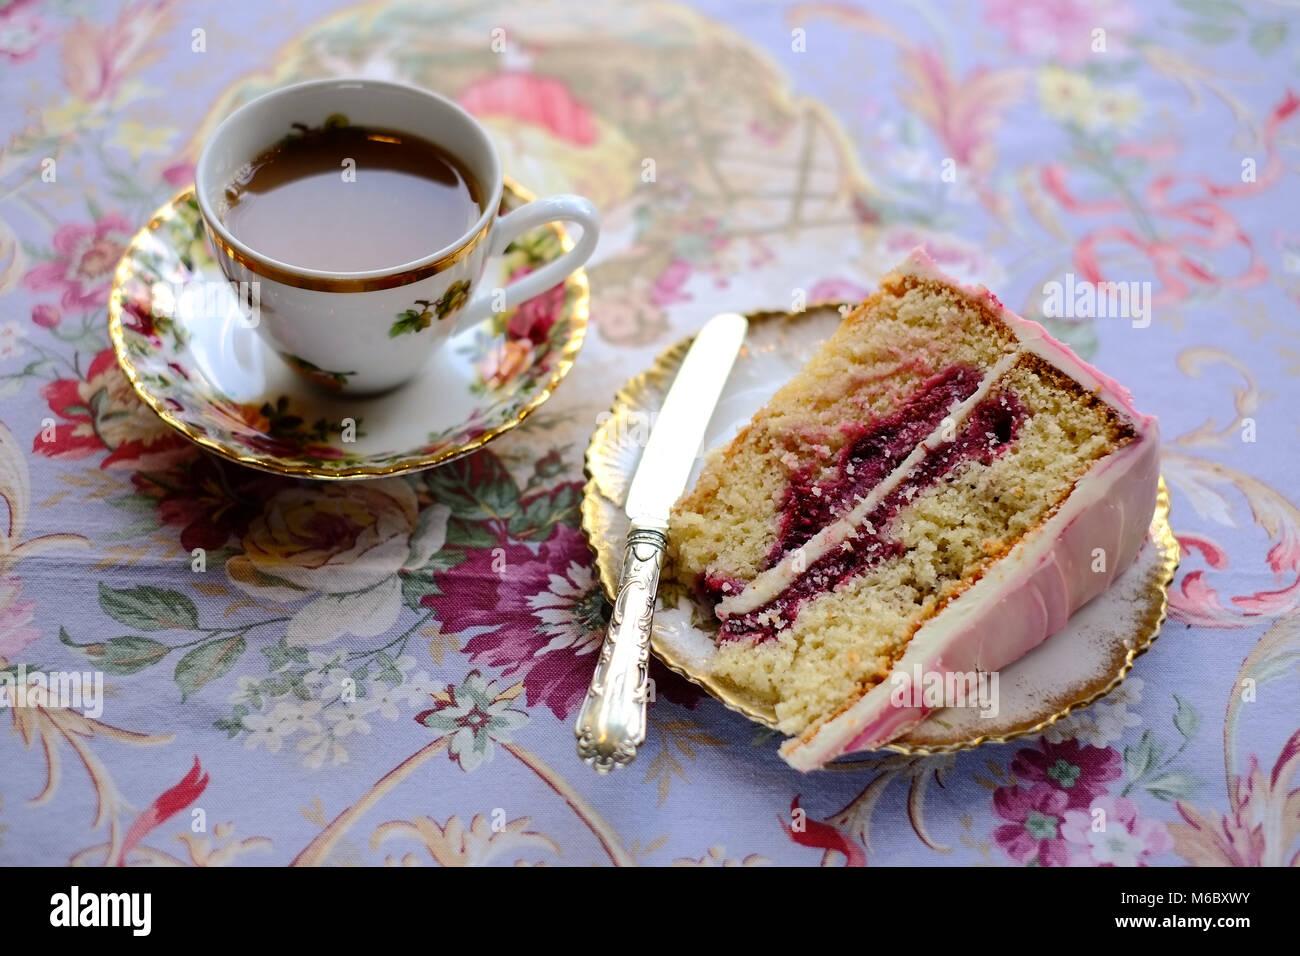 Il tè del pomeriggio e torta al cioccolato celeste Emporium & Cafe, Llandeilo, Carmarthenshire, Galles Immagini Stock